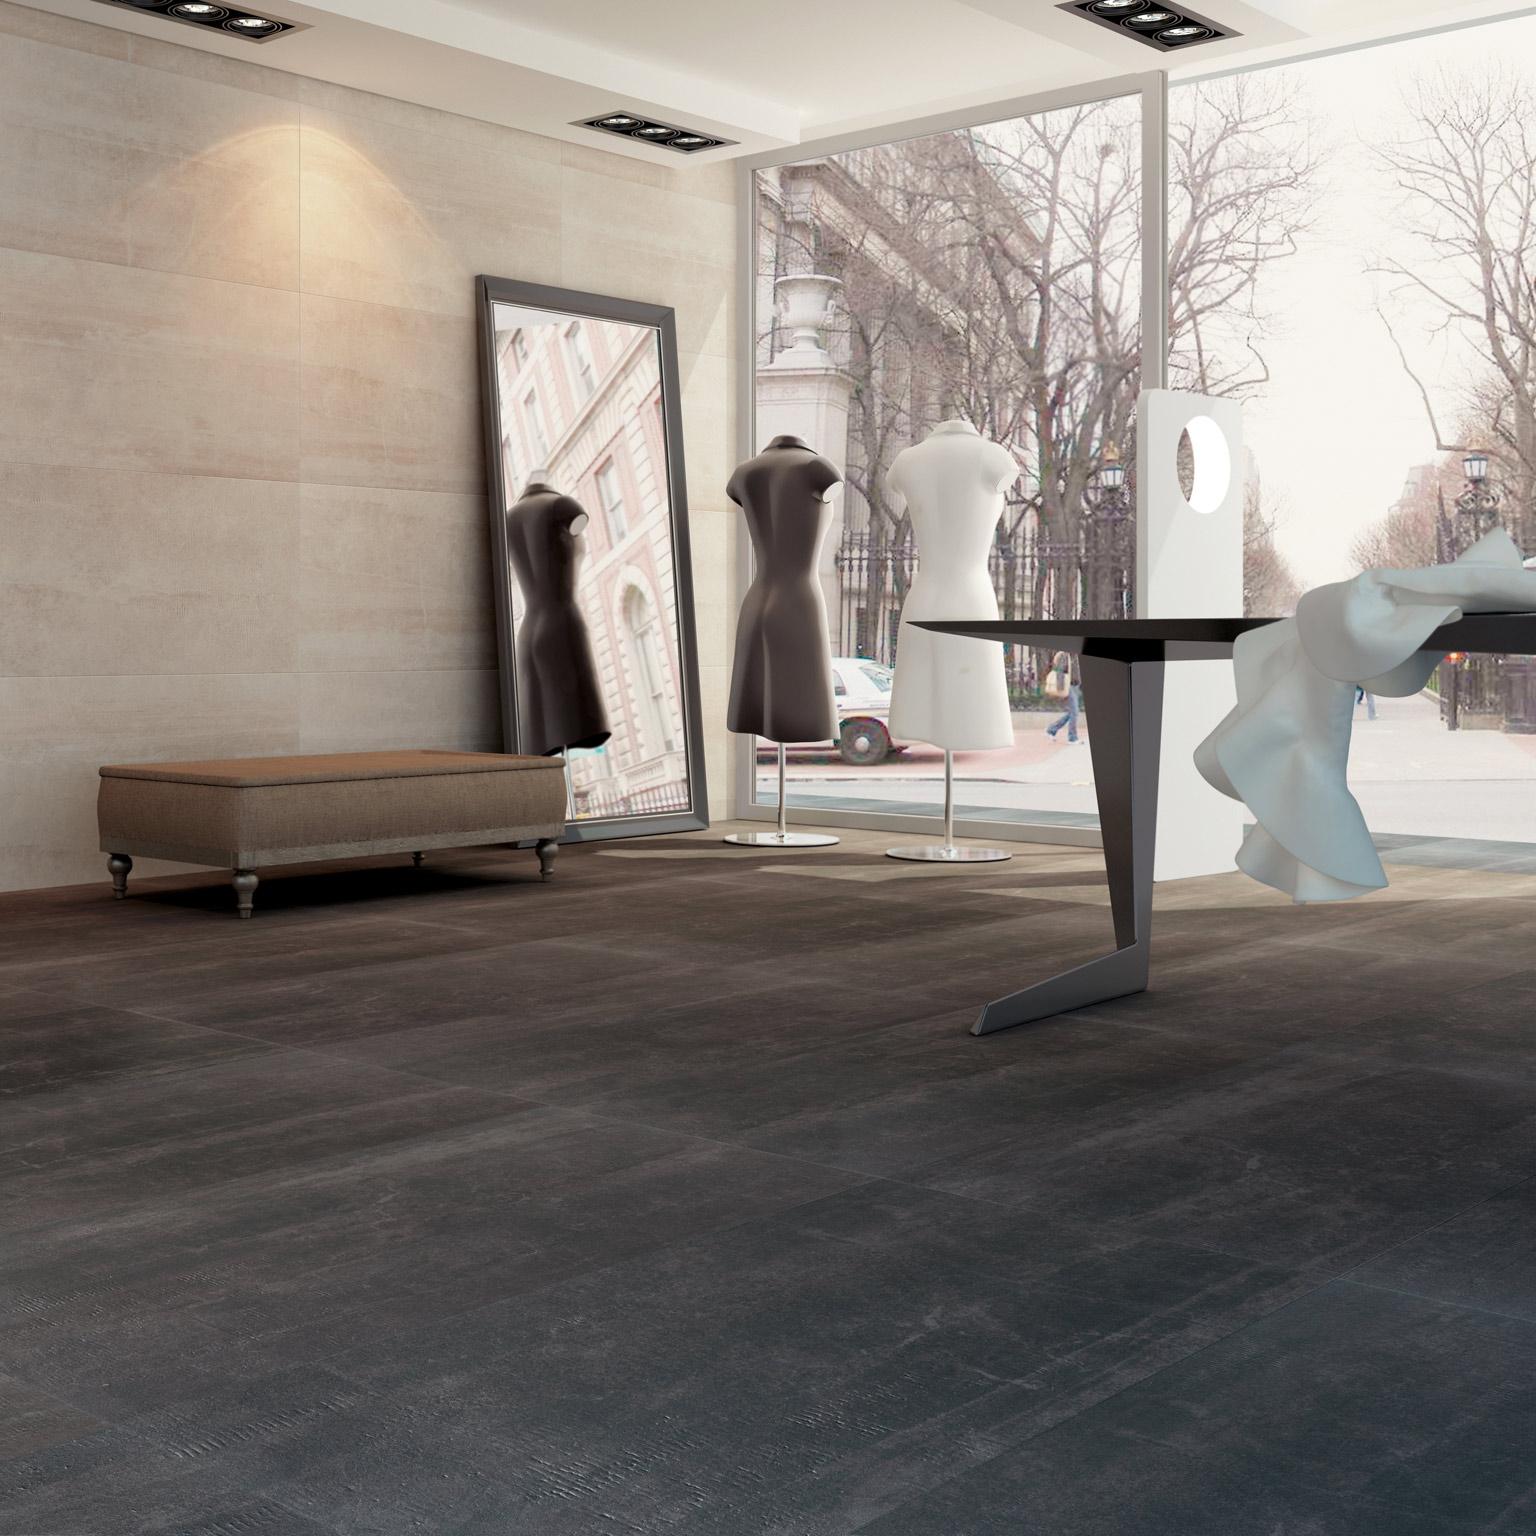 境亞-大尺寸石板磚【全系列下殺特賣!每坪4500元有找】 - 黑色